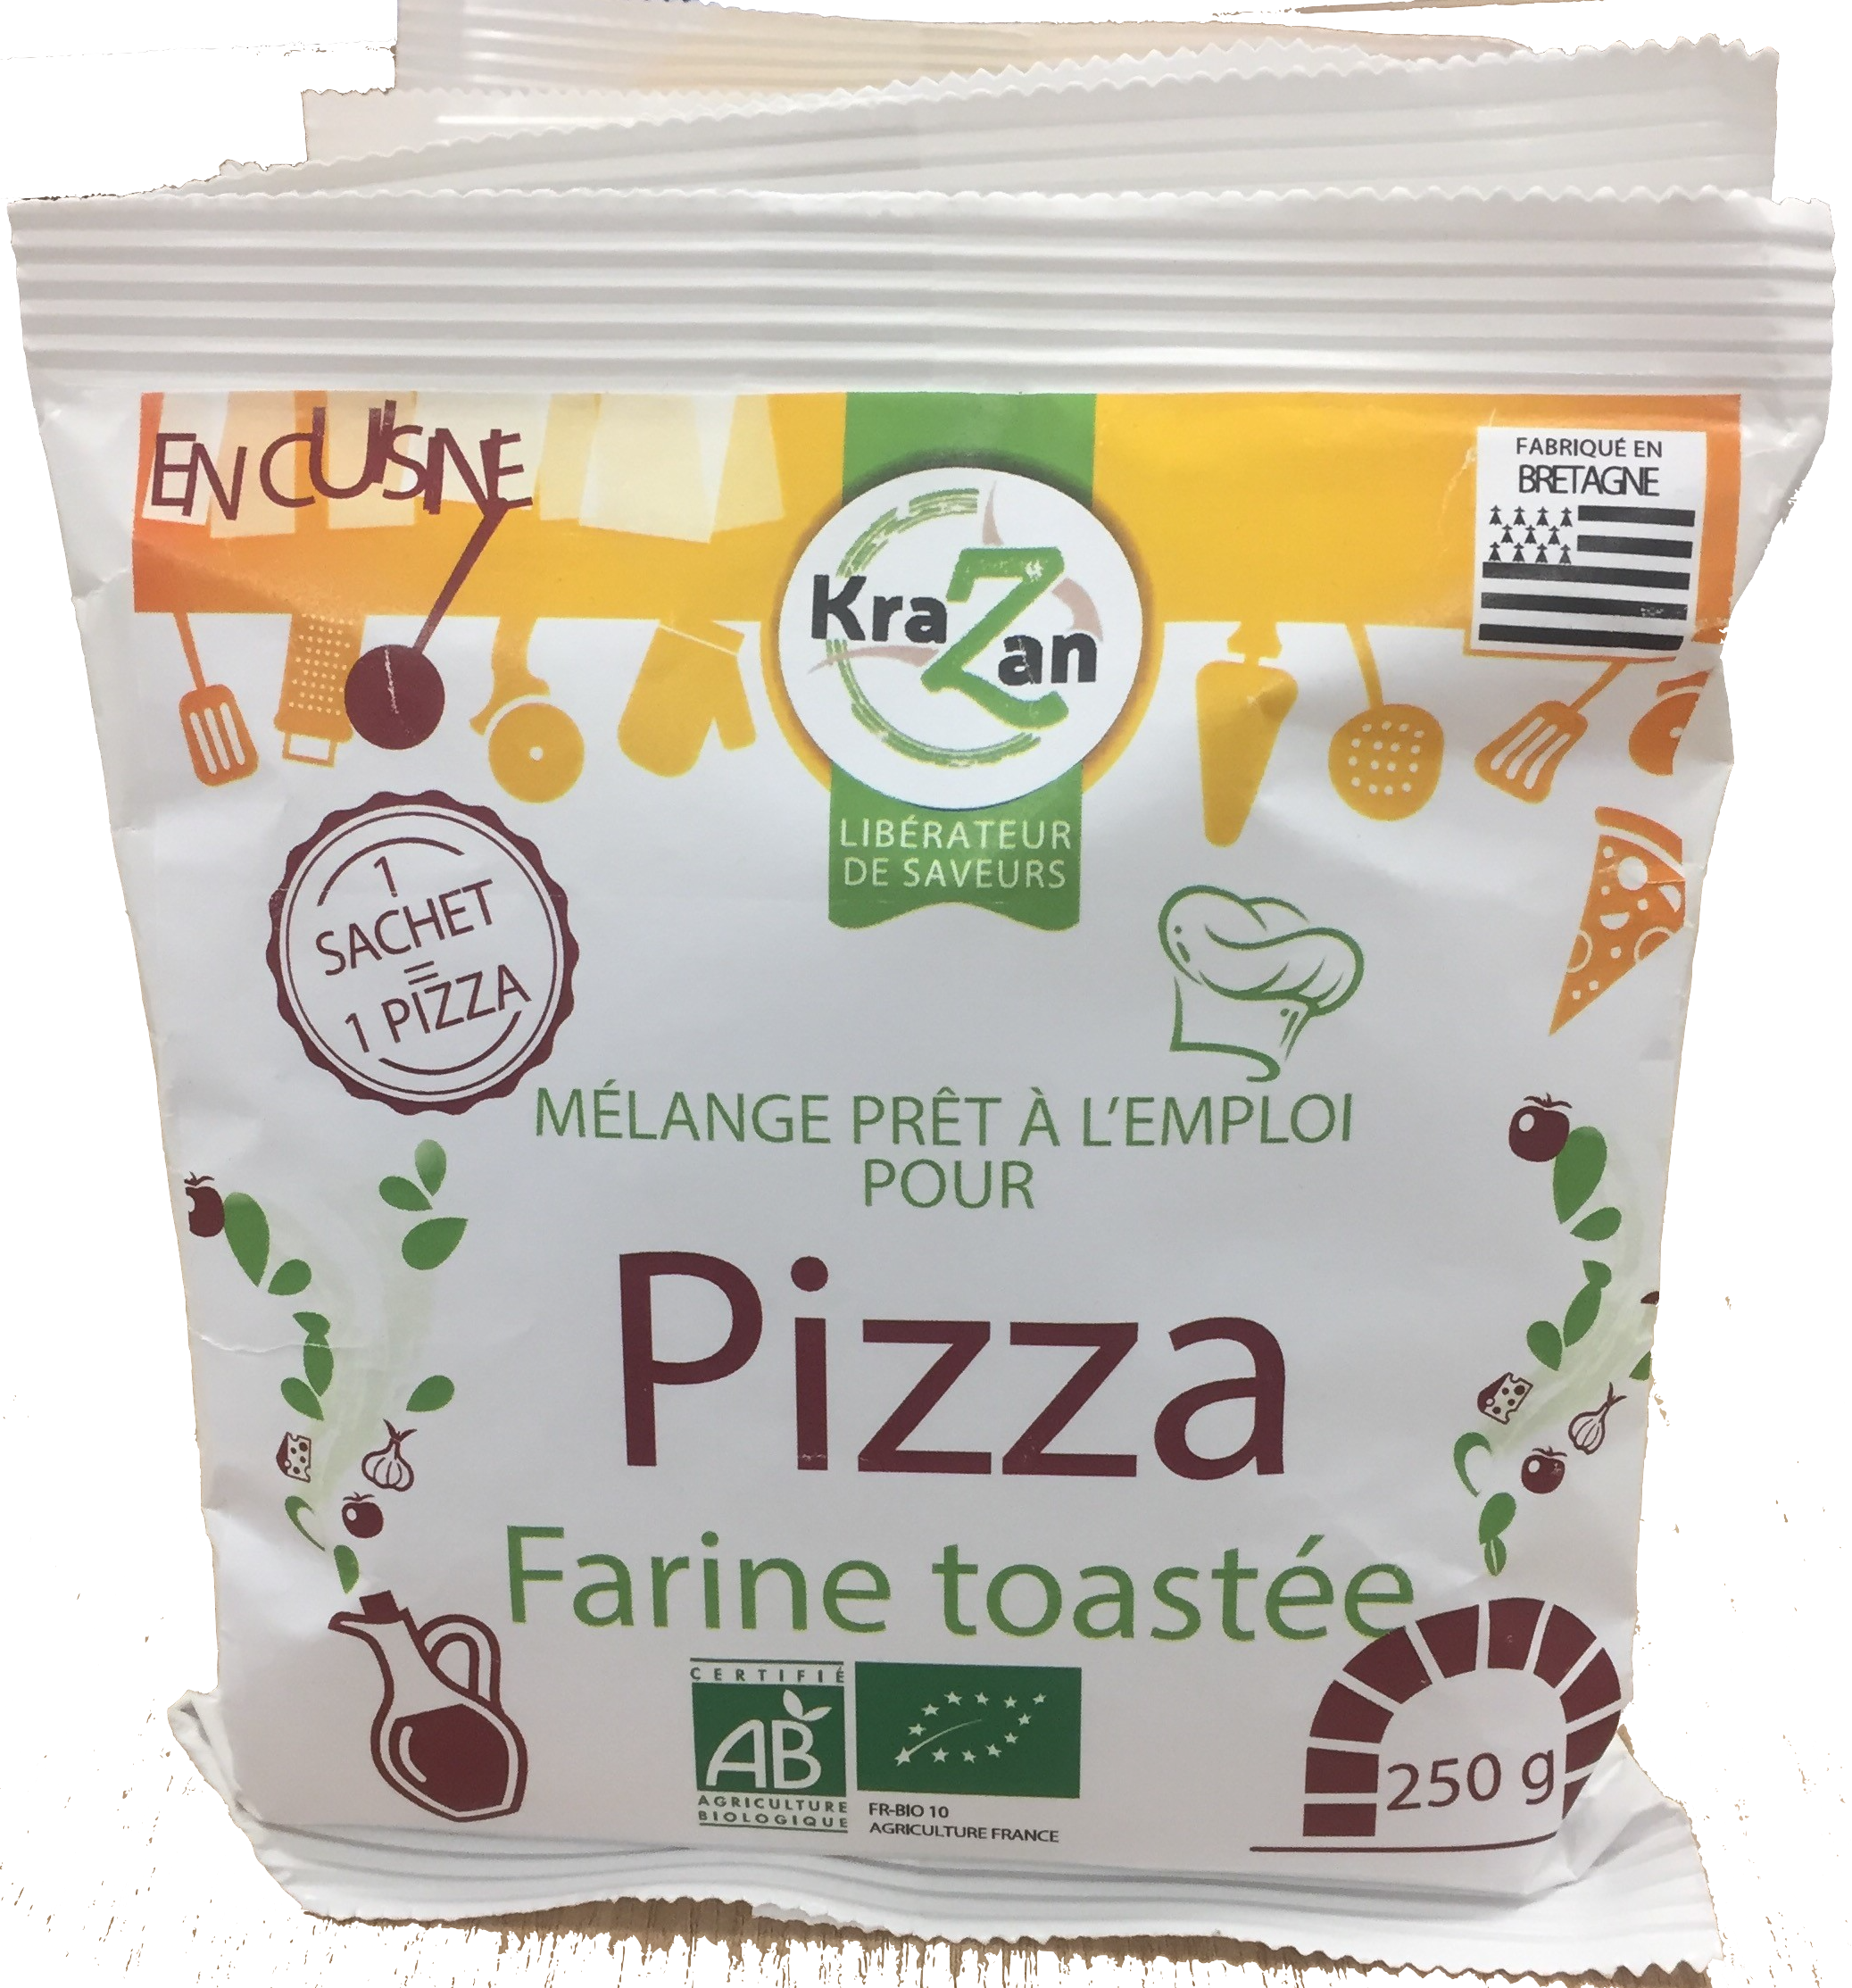 farine pizza krazan - Lauréats du concours ISOGONE, catégorie Usages & Consommation